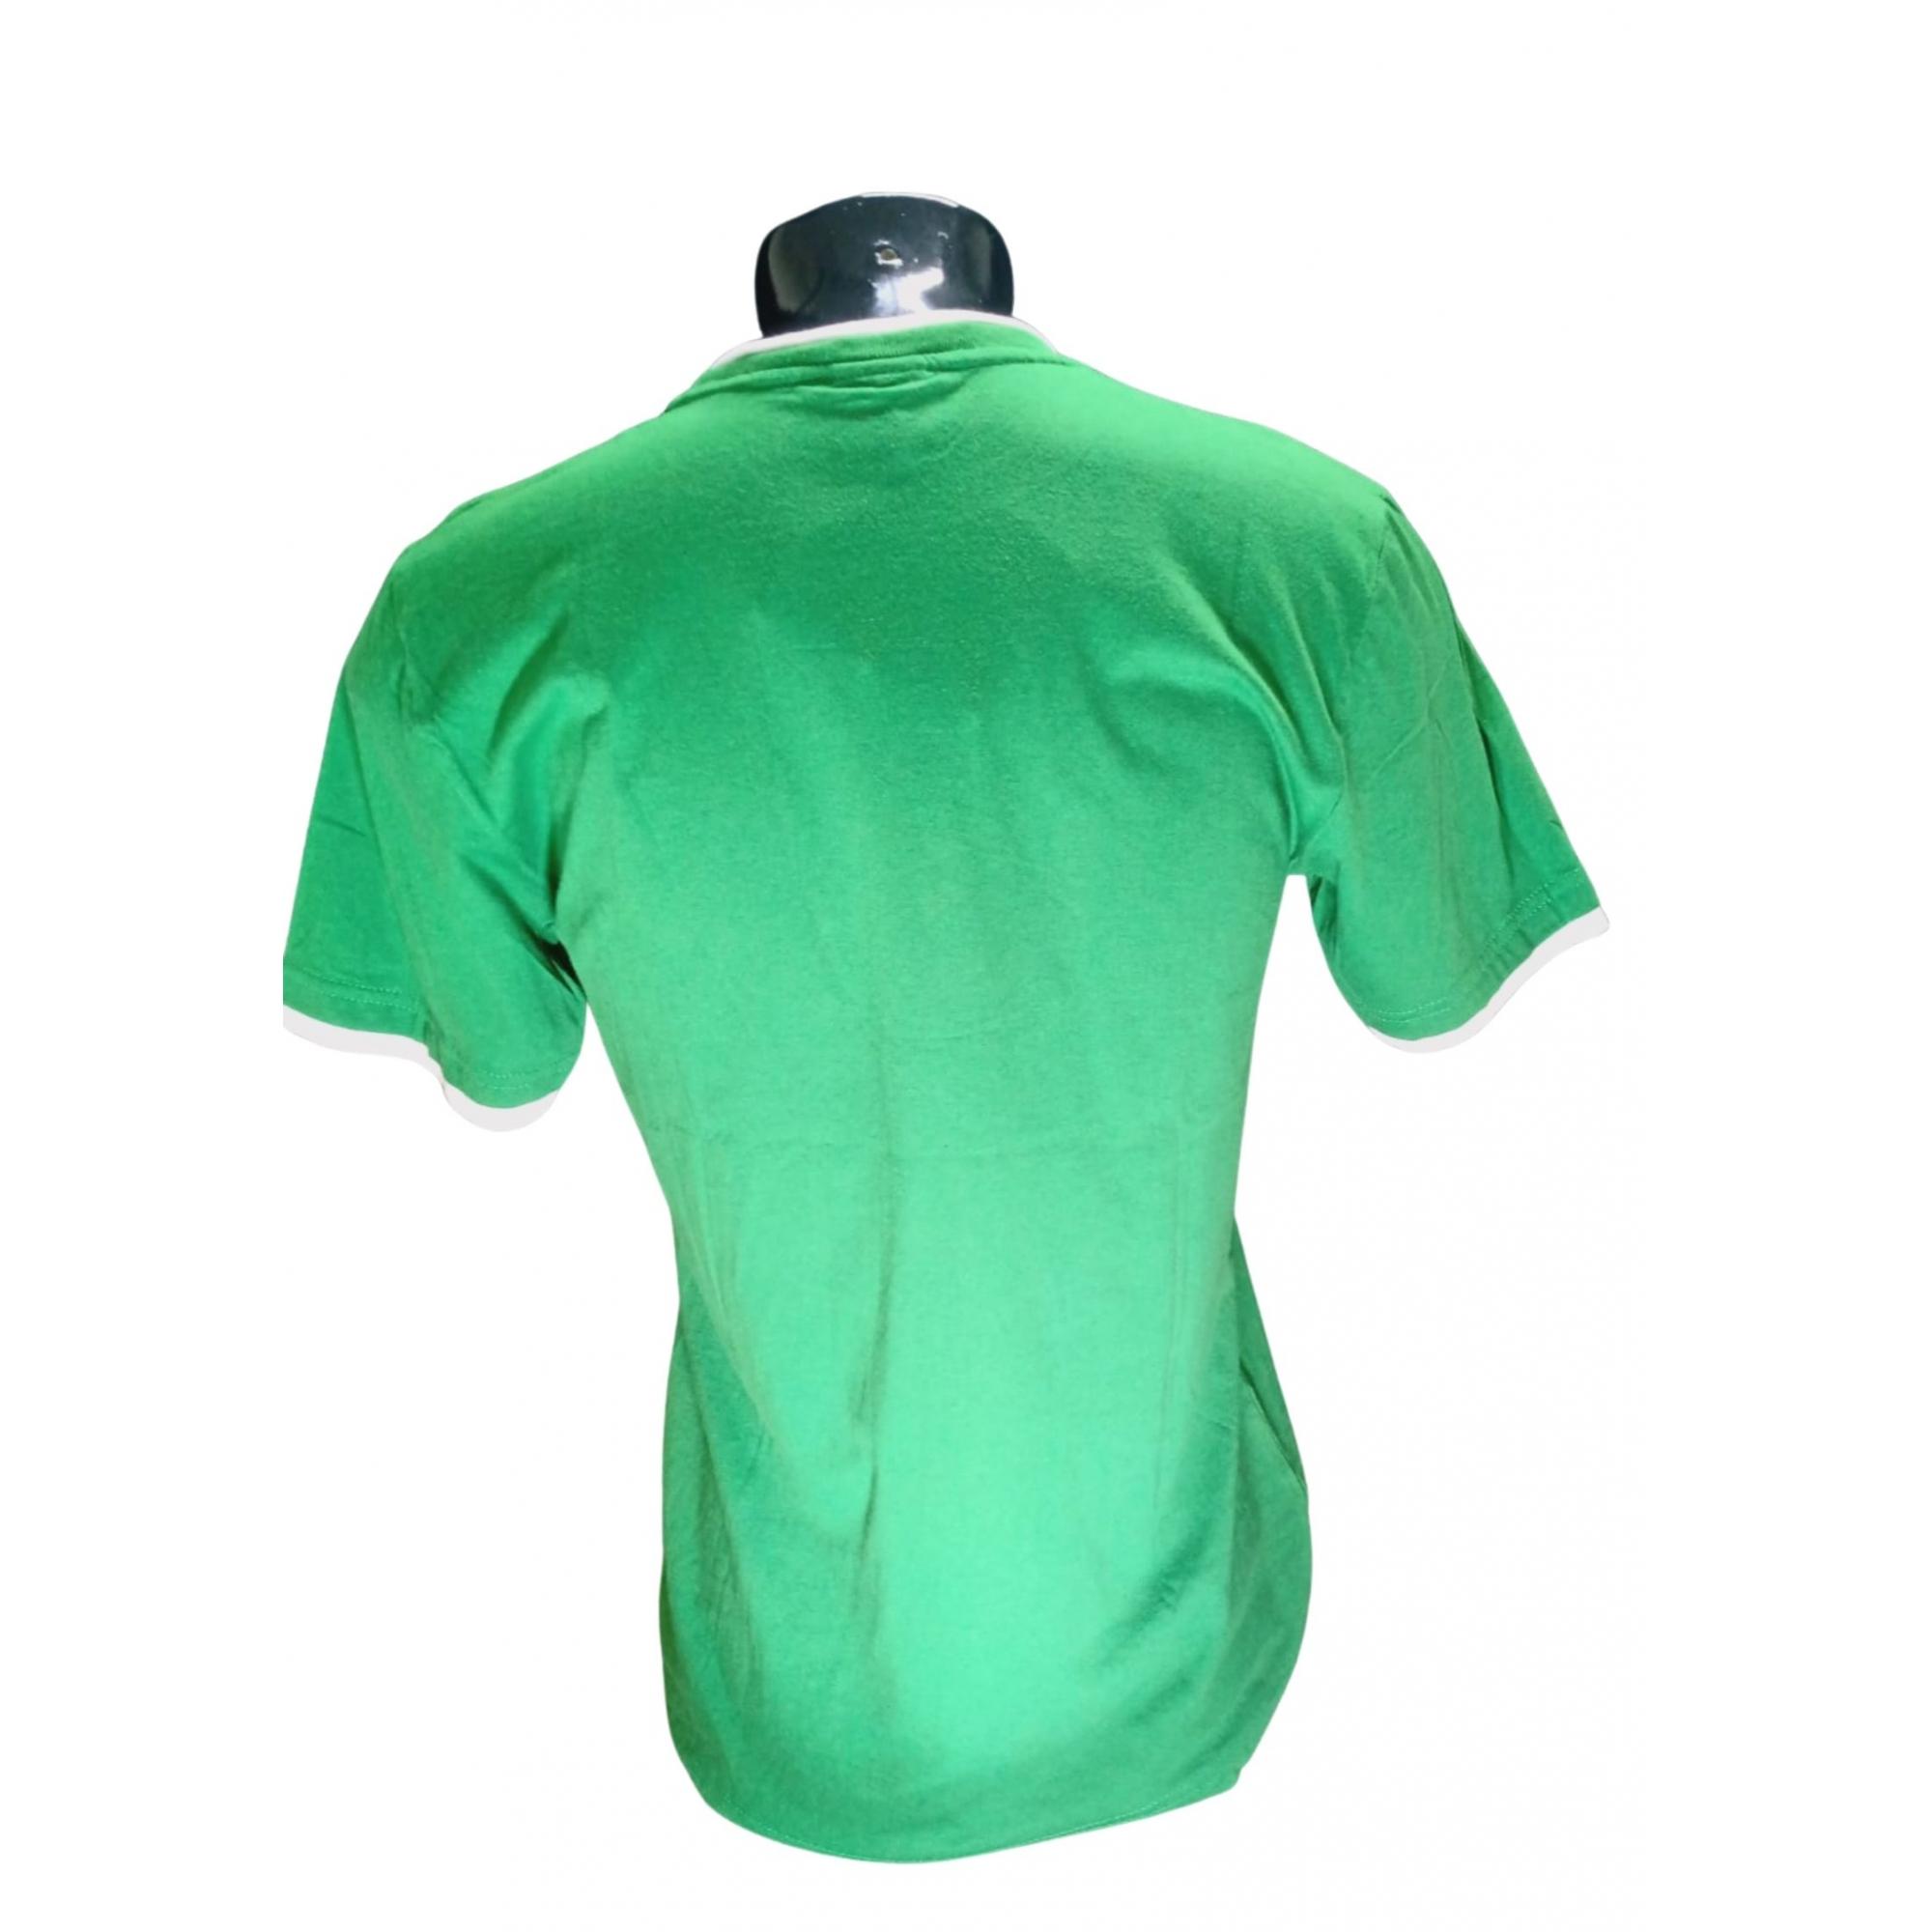 Camisa Palmeiras alviverde imponente